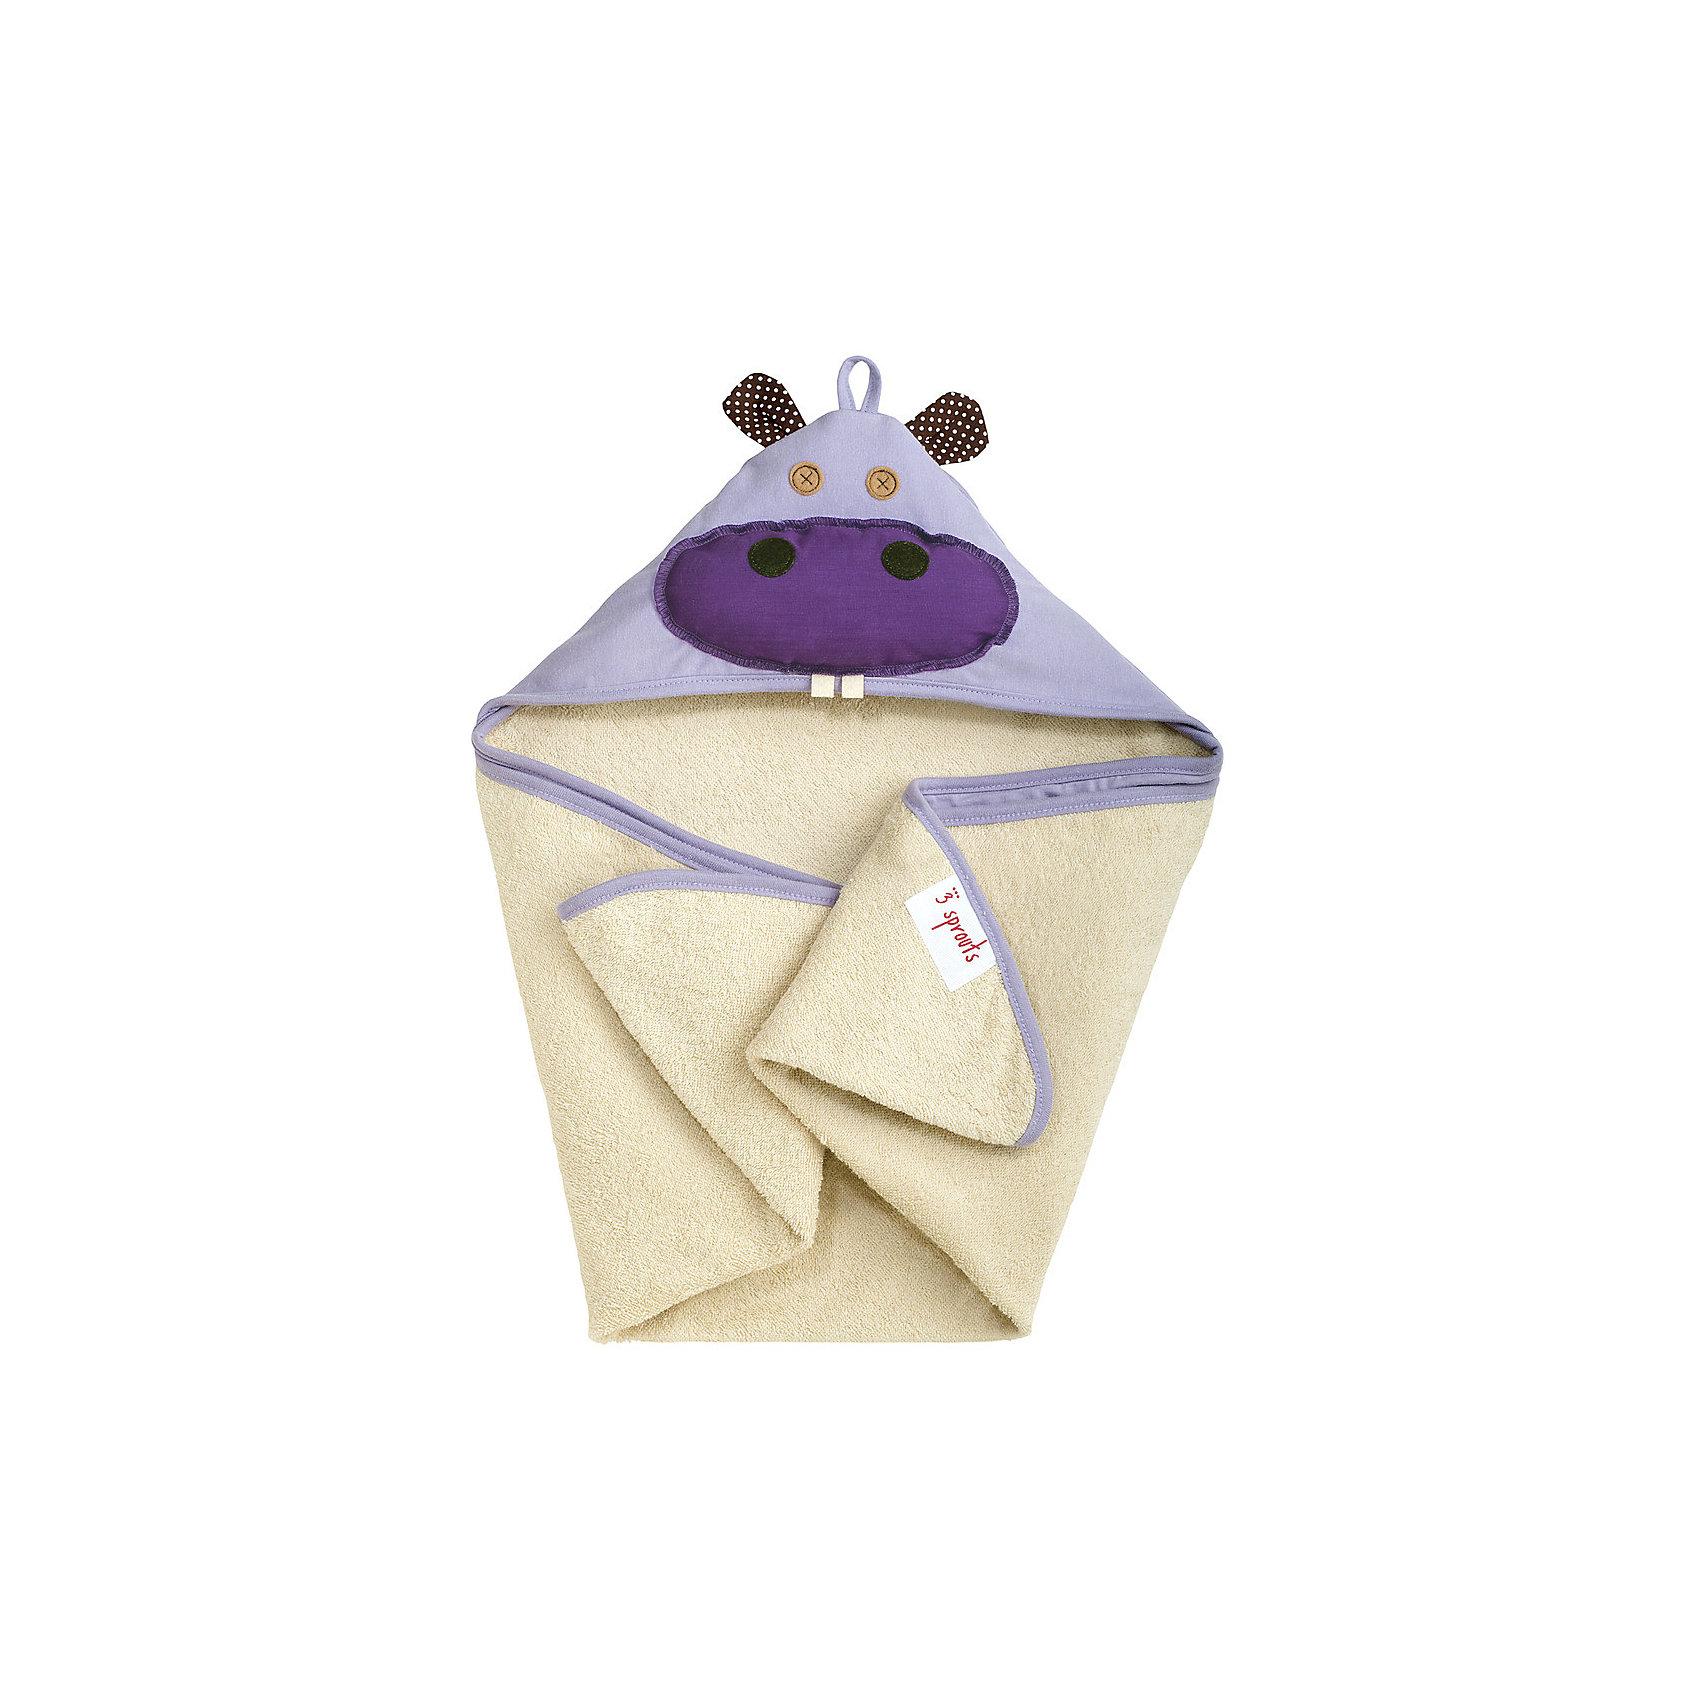 Полотенце с капюшоном Бегемотик (Purple Hippo), 3 SproutsПляжные полотенца<br>Милое полотенце для маленькой крохи. Махровое изнутри, а внешний слой изготовлен из 100% хлопка. <br><br>Дополнительная информация:<br><br>- Размер полотенца: 76х76 см.<br>- Материал: 100% хлопок снаружи, махровая ткань изнутри.<br>- Уход: деликатная стирка в холодной воде.<br><br>Купить полотенце с капюшоном Бегемотик (Purple Hippo), можно в нашем магазине.<br><br>Ширина мм: 260<br>Глубина мм: 20<br>Высота мм: 330<br>Вес г: 402<br>Возраст от месяцев: 0<br>Возраст до месяцев: 18<br>Пол: Унисекс<br>Возраст: Детский<br>SKU: 5098199